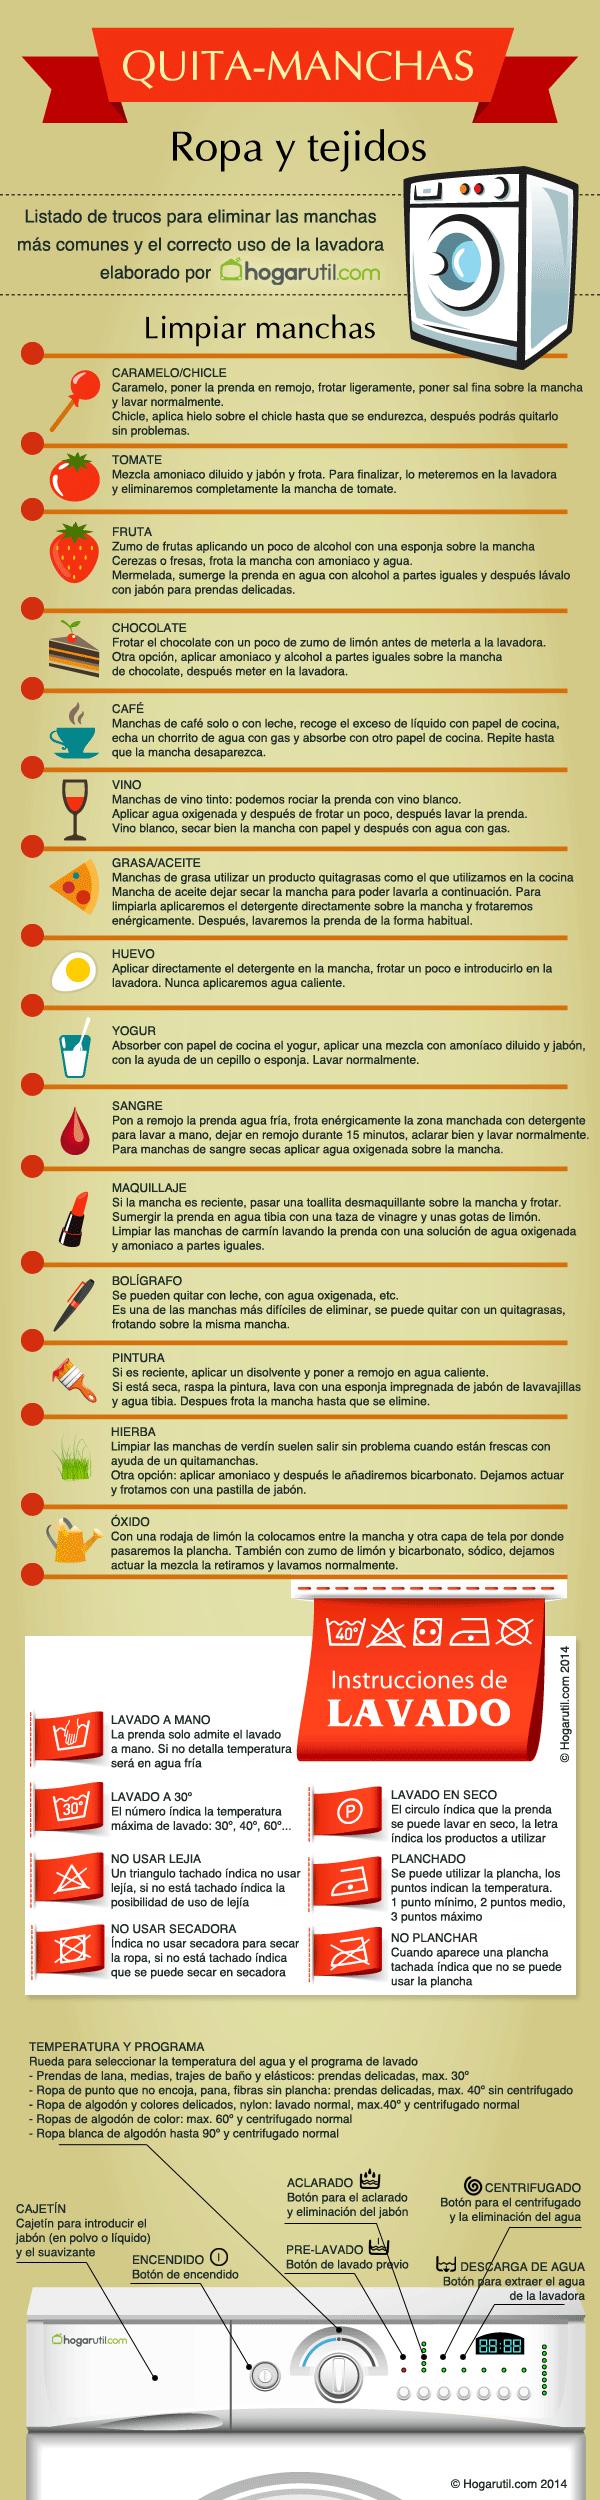 Infografía Con Trucos Para Eliminar Manchas De La Ropa Hogarmania Trucos De Limpieza Consejos De Limpieza Limpieza